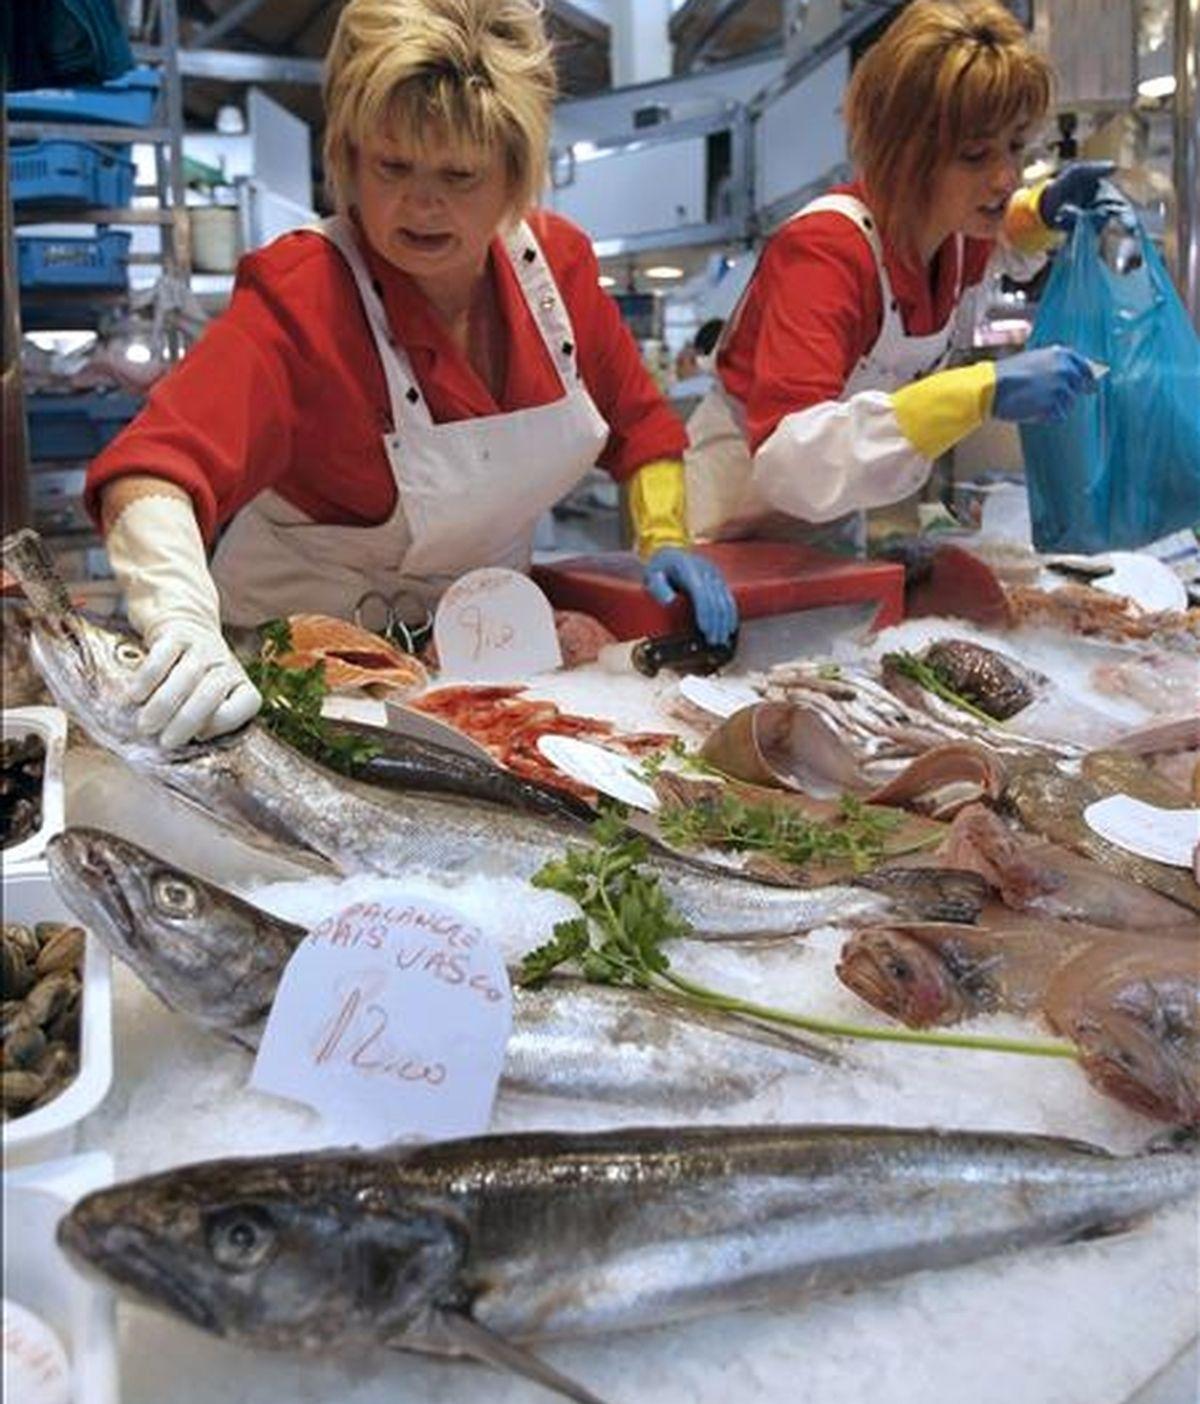 Una pescadera vende una merluza en un mercado de Barcelona. EFE/Archivo